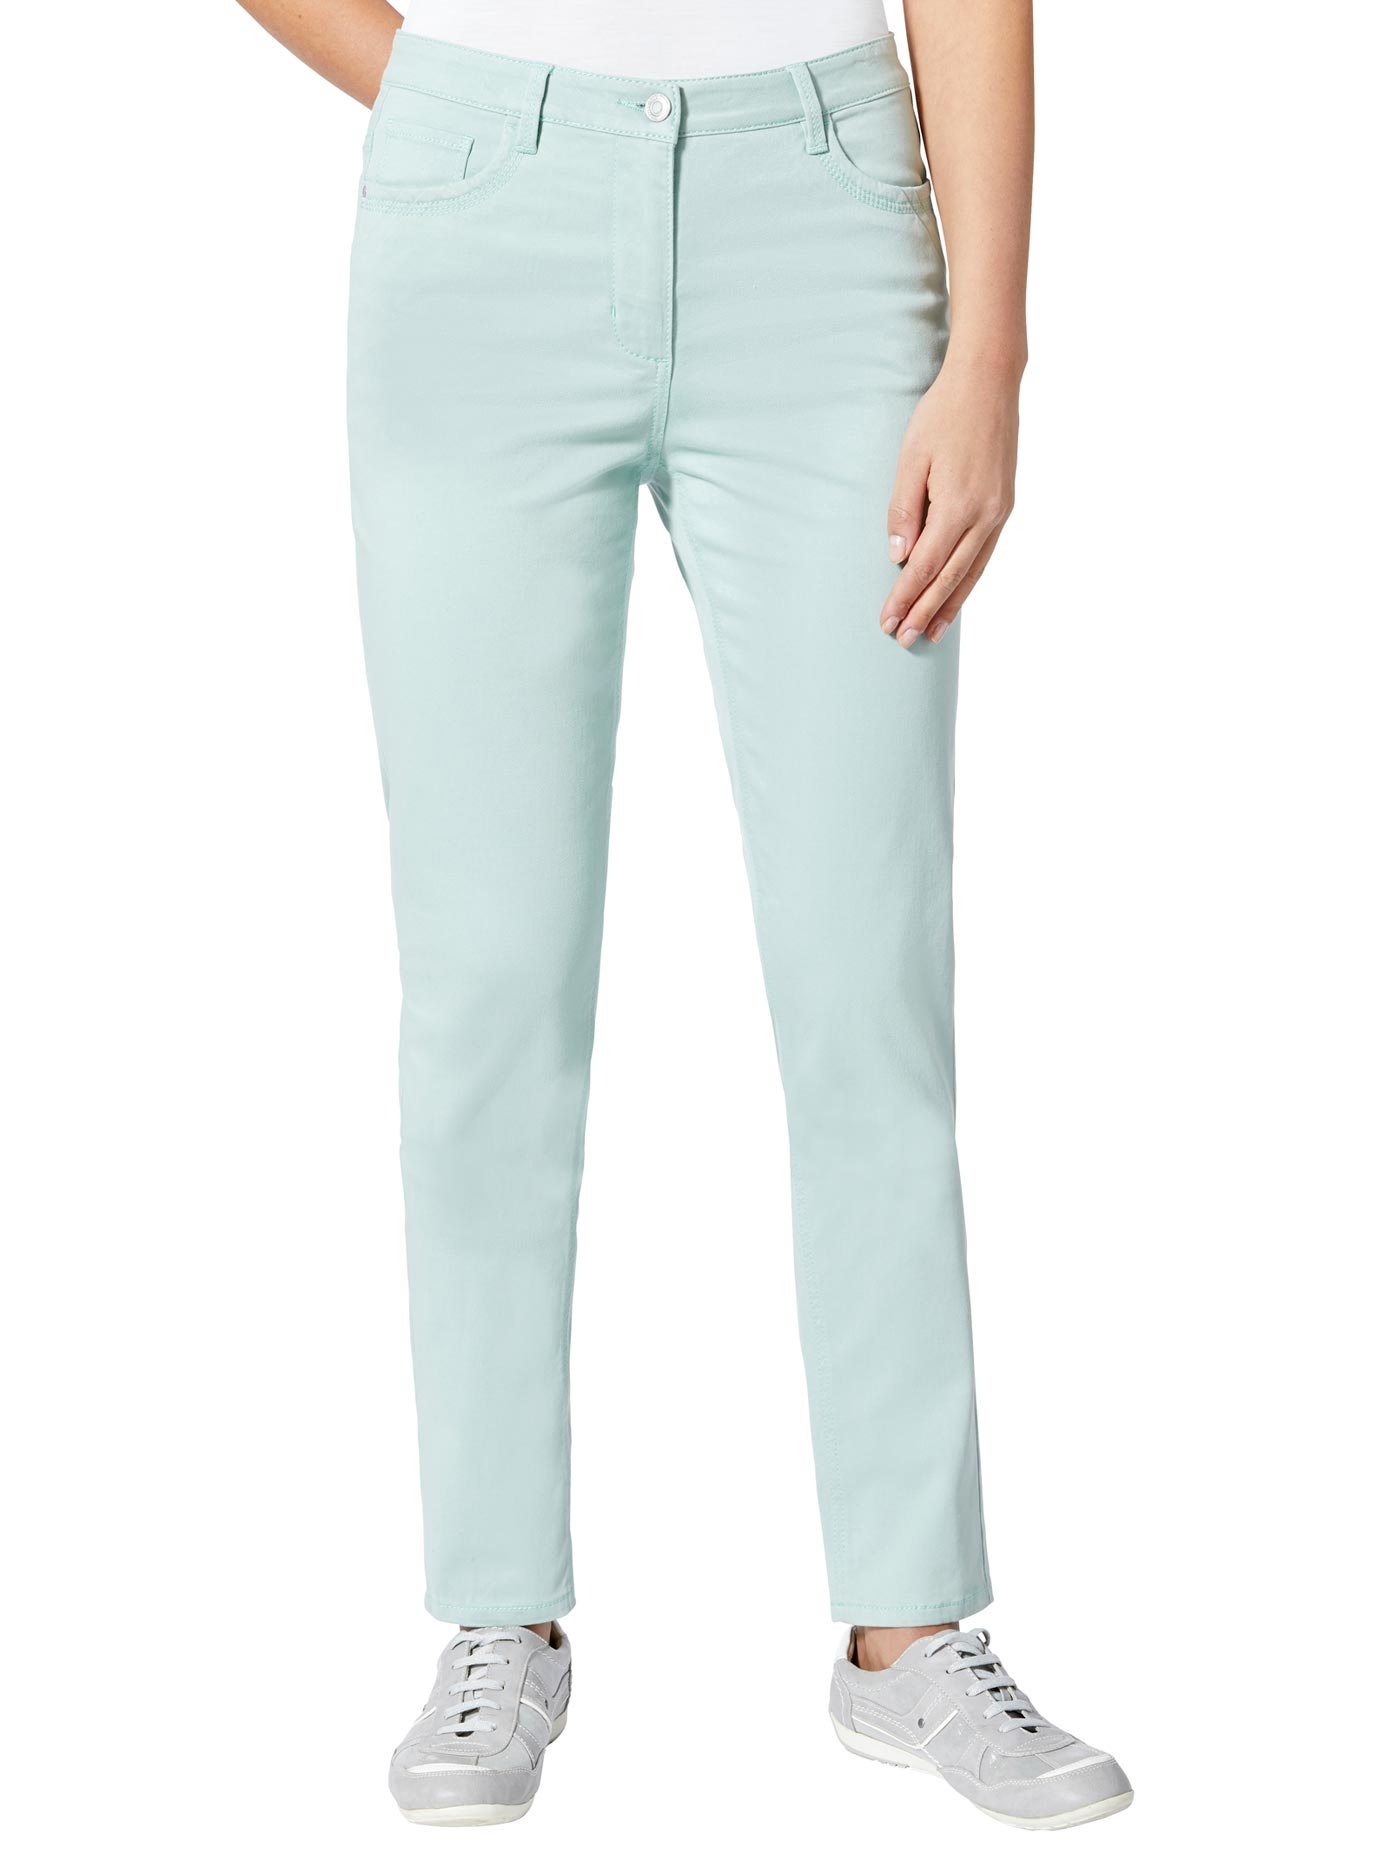 Casual Looks Jeans in der typischen 5-Pocket-Form | Bekleidung > Jeans > 5-Pocket-Jeans | Grün | Casual Looks